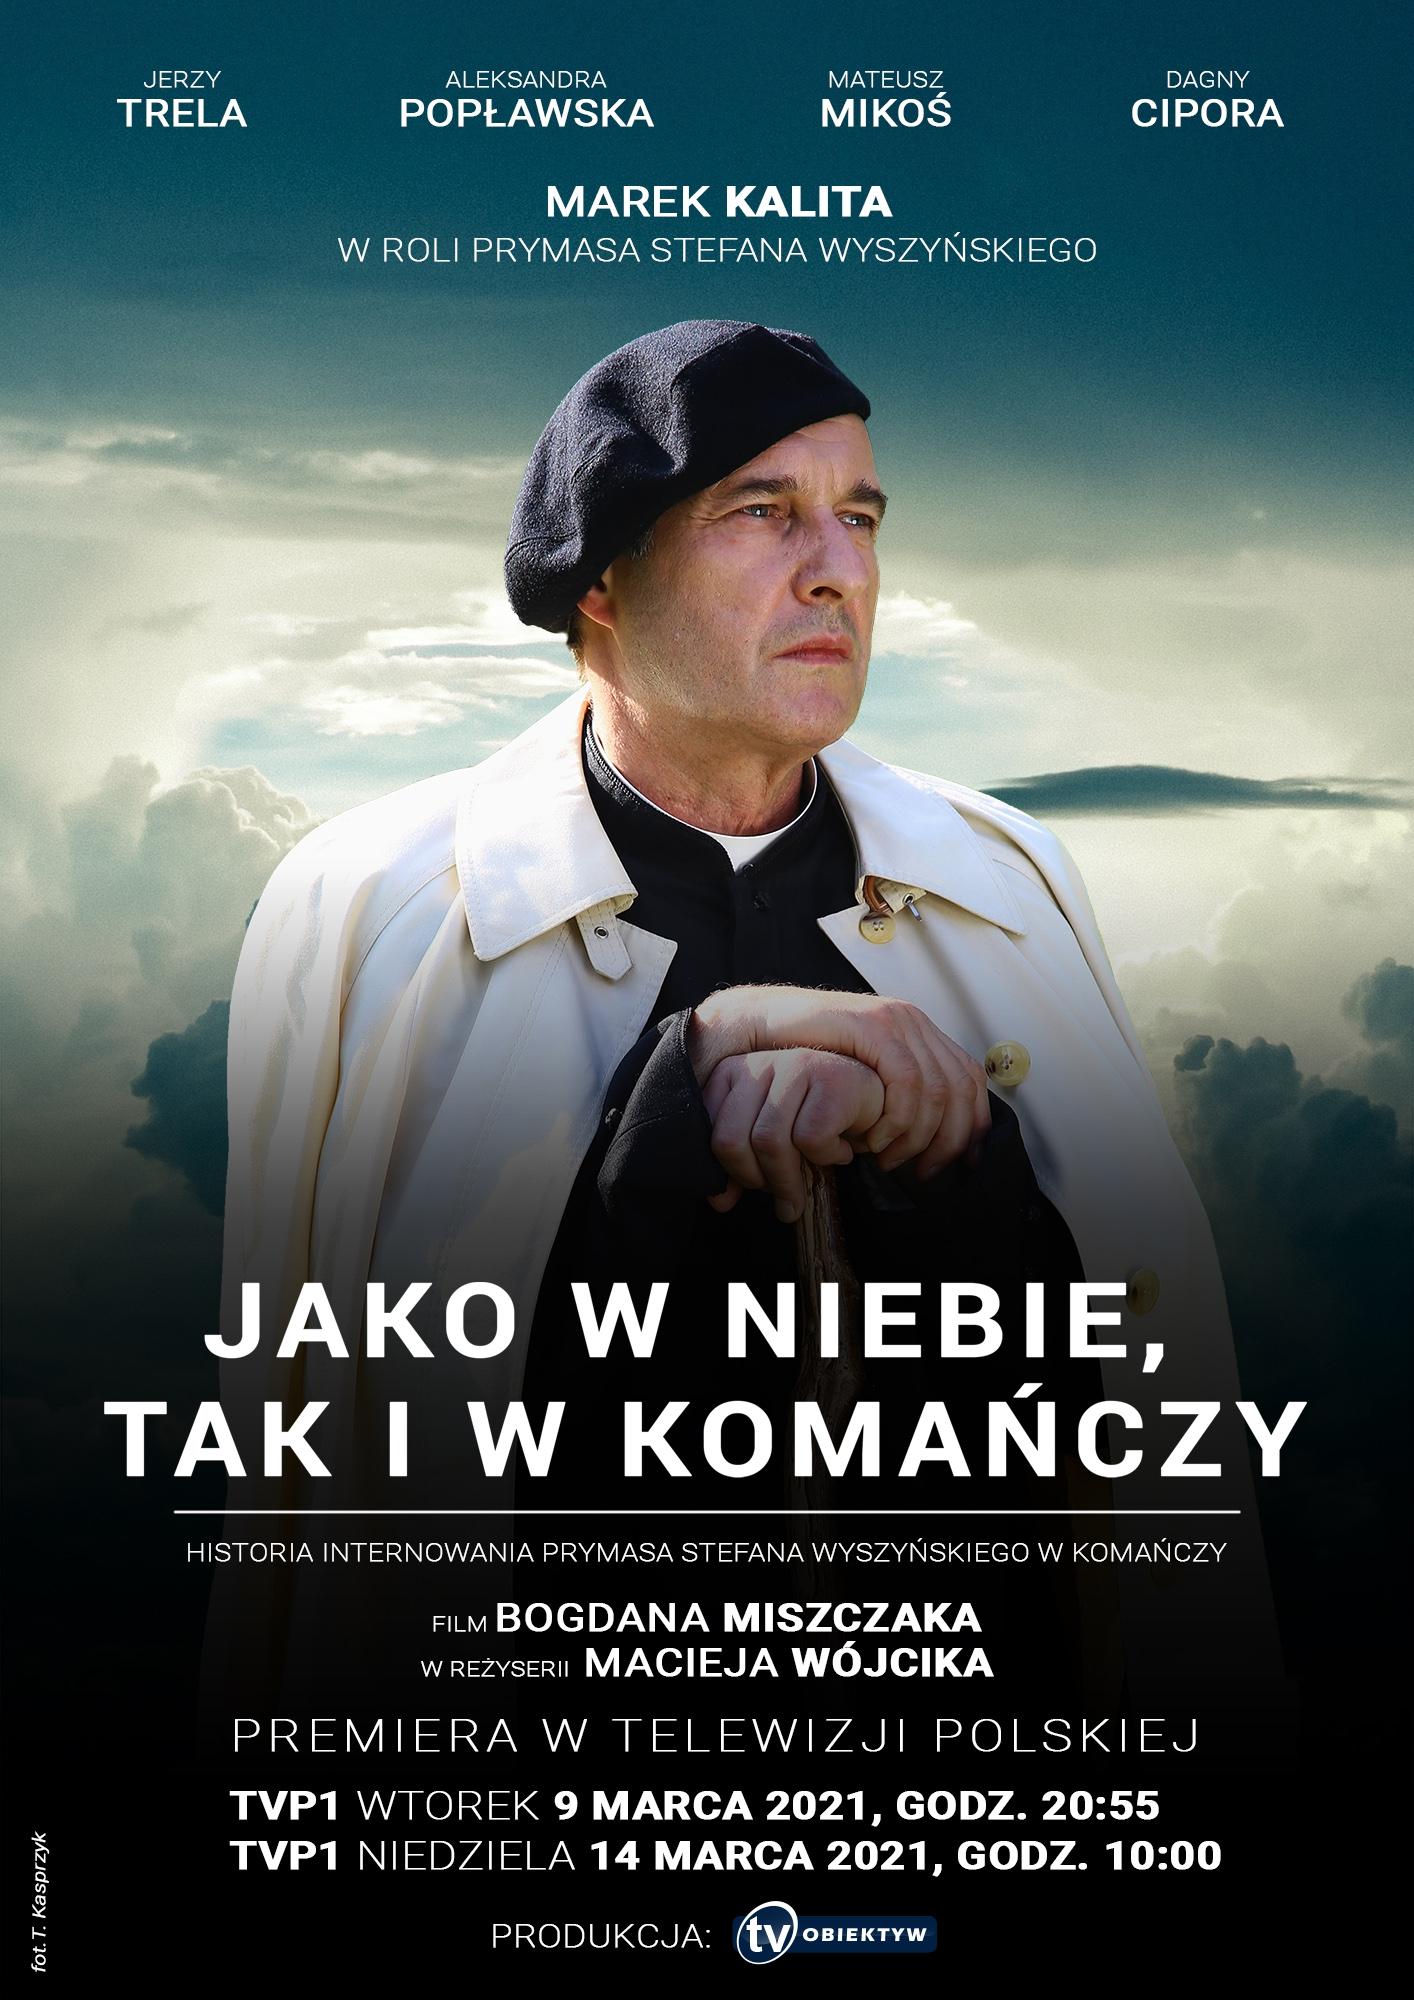 Telewizyjna premiera filmu powstałego przy współudziale samorządów, w tym Powiatu Rzeszowskiego